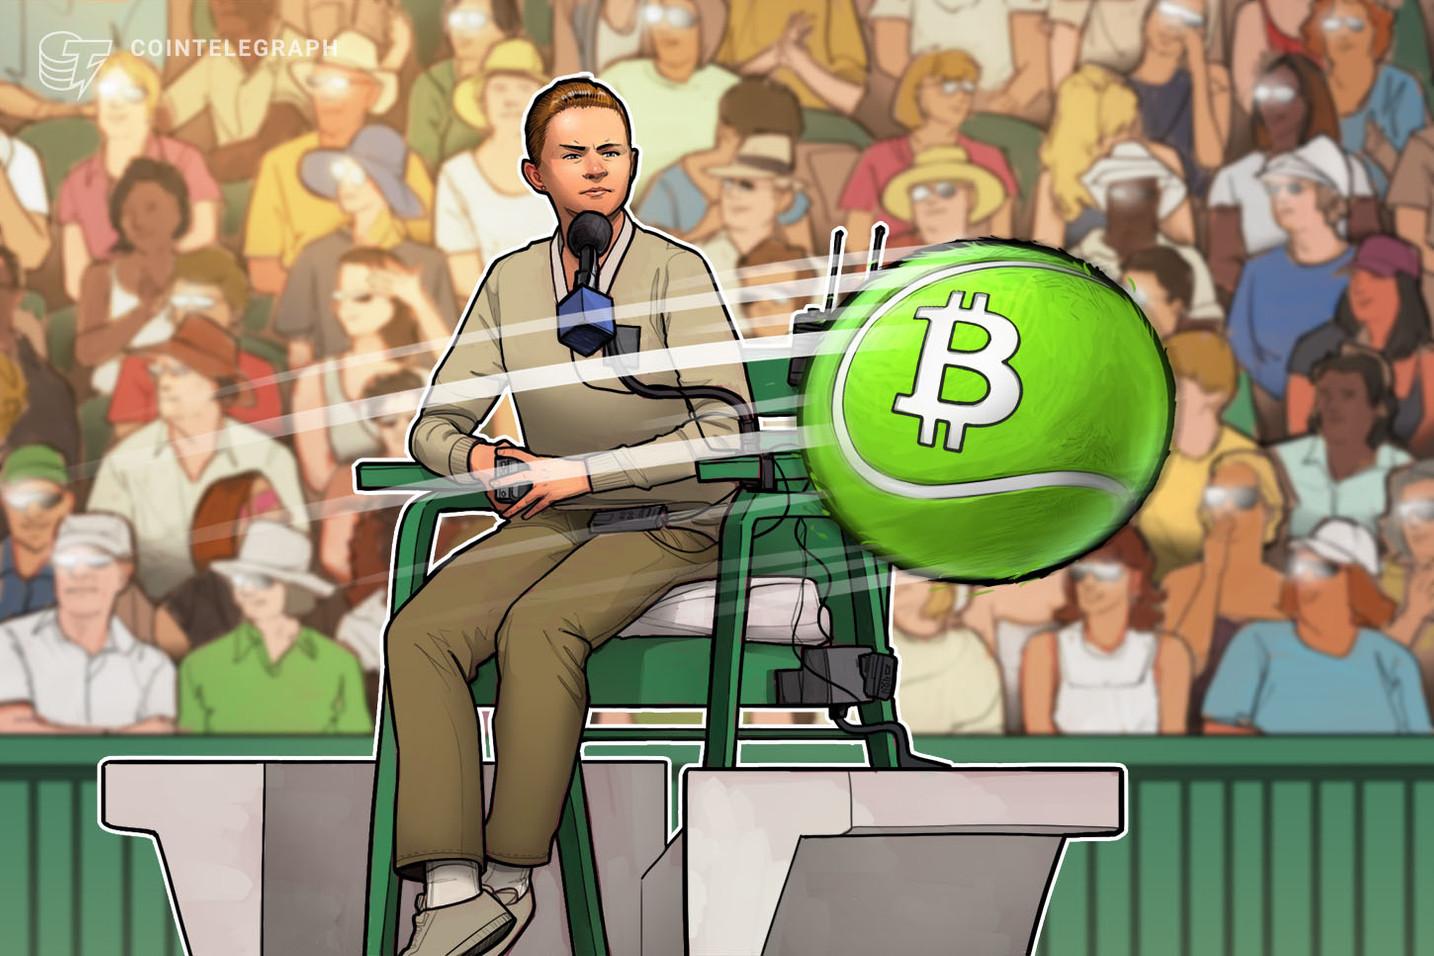 El precio de Bitcoin apunta a un nuevo récord en el 2020 una vez que los alcistas rompan la resistencia de los USD 11,800